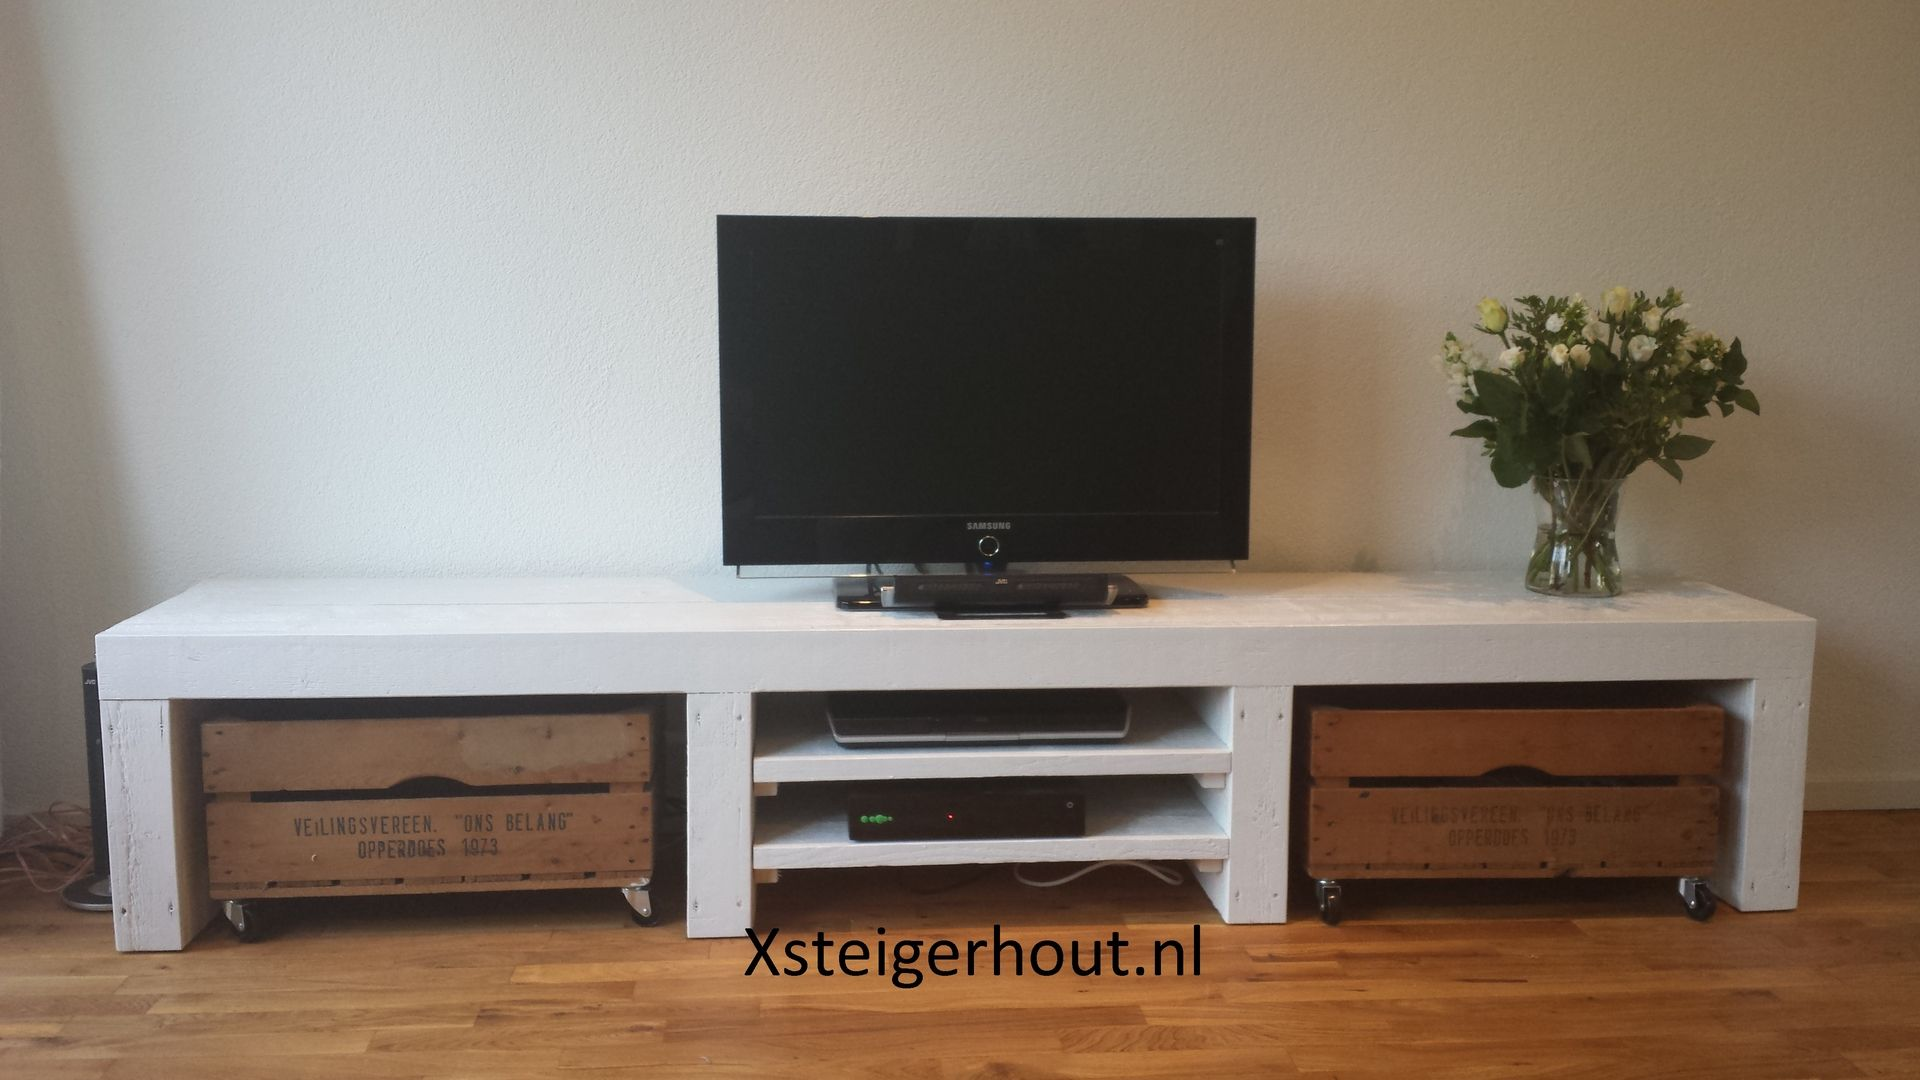 Mooie Witte Tv Kast.Steigerhout Tv Meubel Met Kratjes Wit Meubels Ideeen Voor